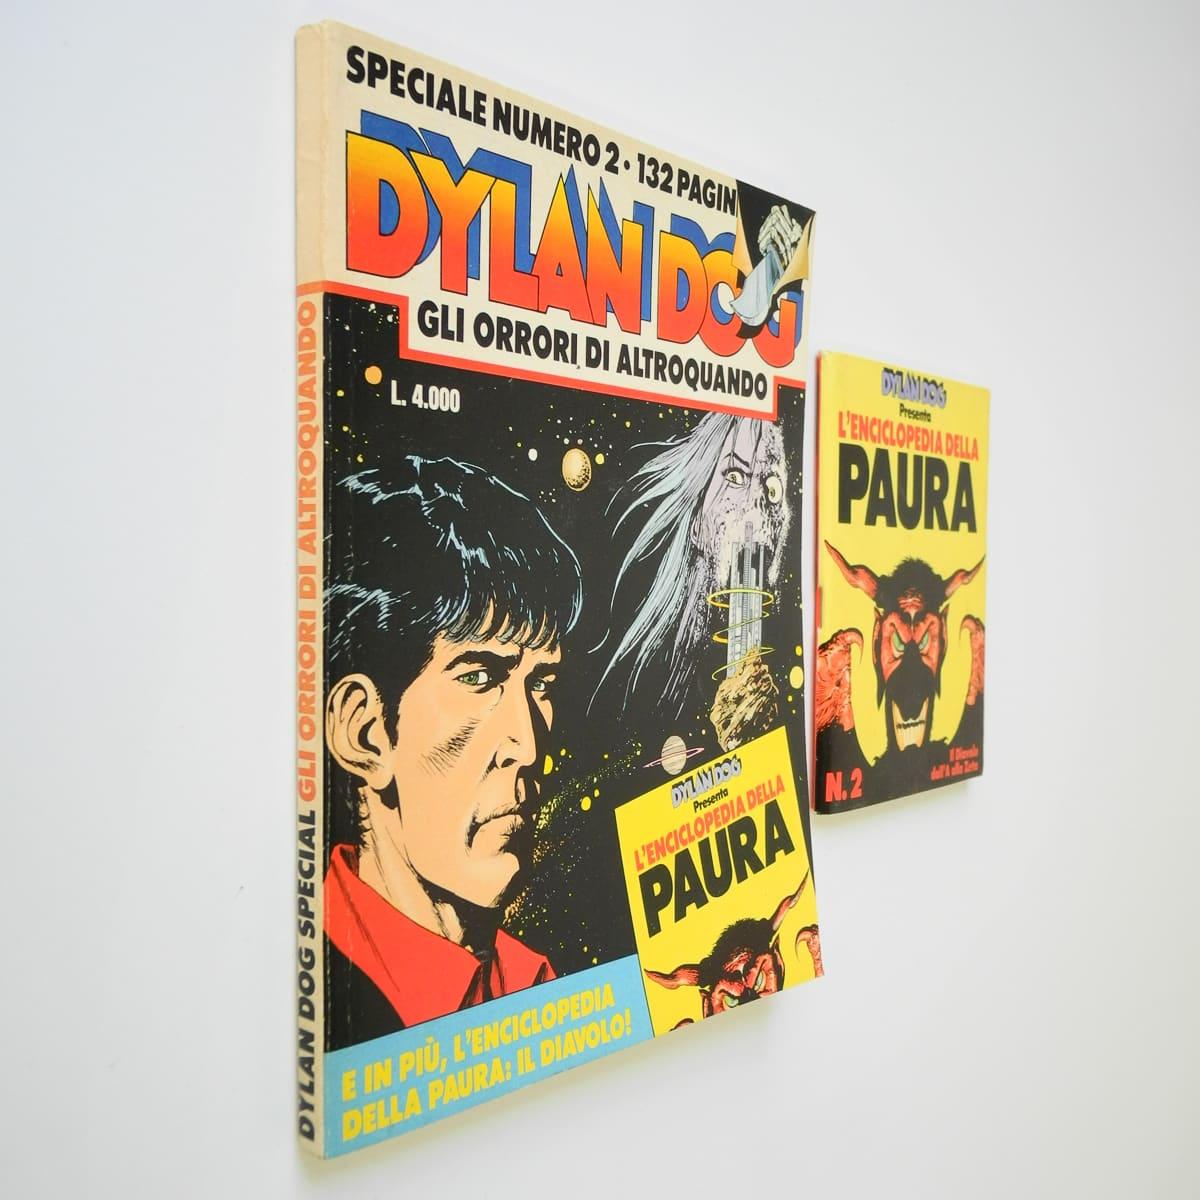 Dylan Dog speciale n. 2 con albetto Daim Press